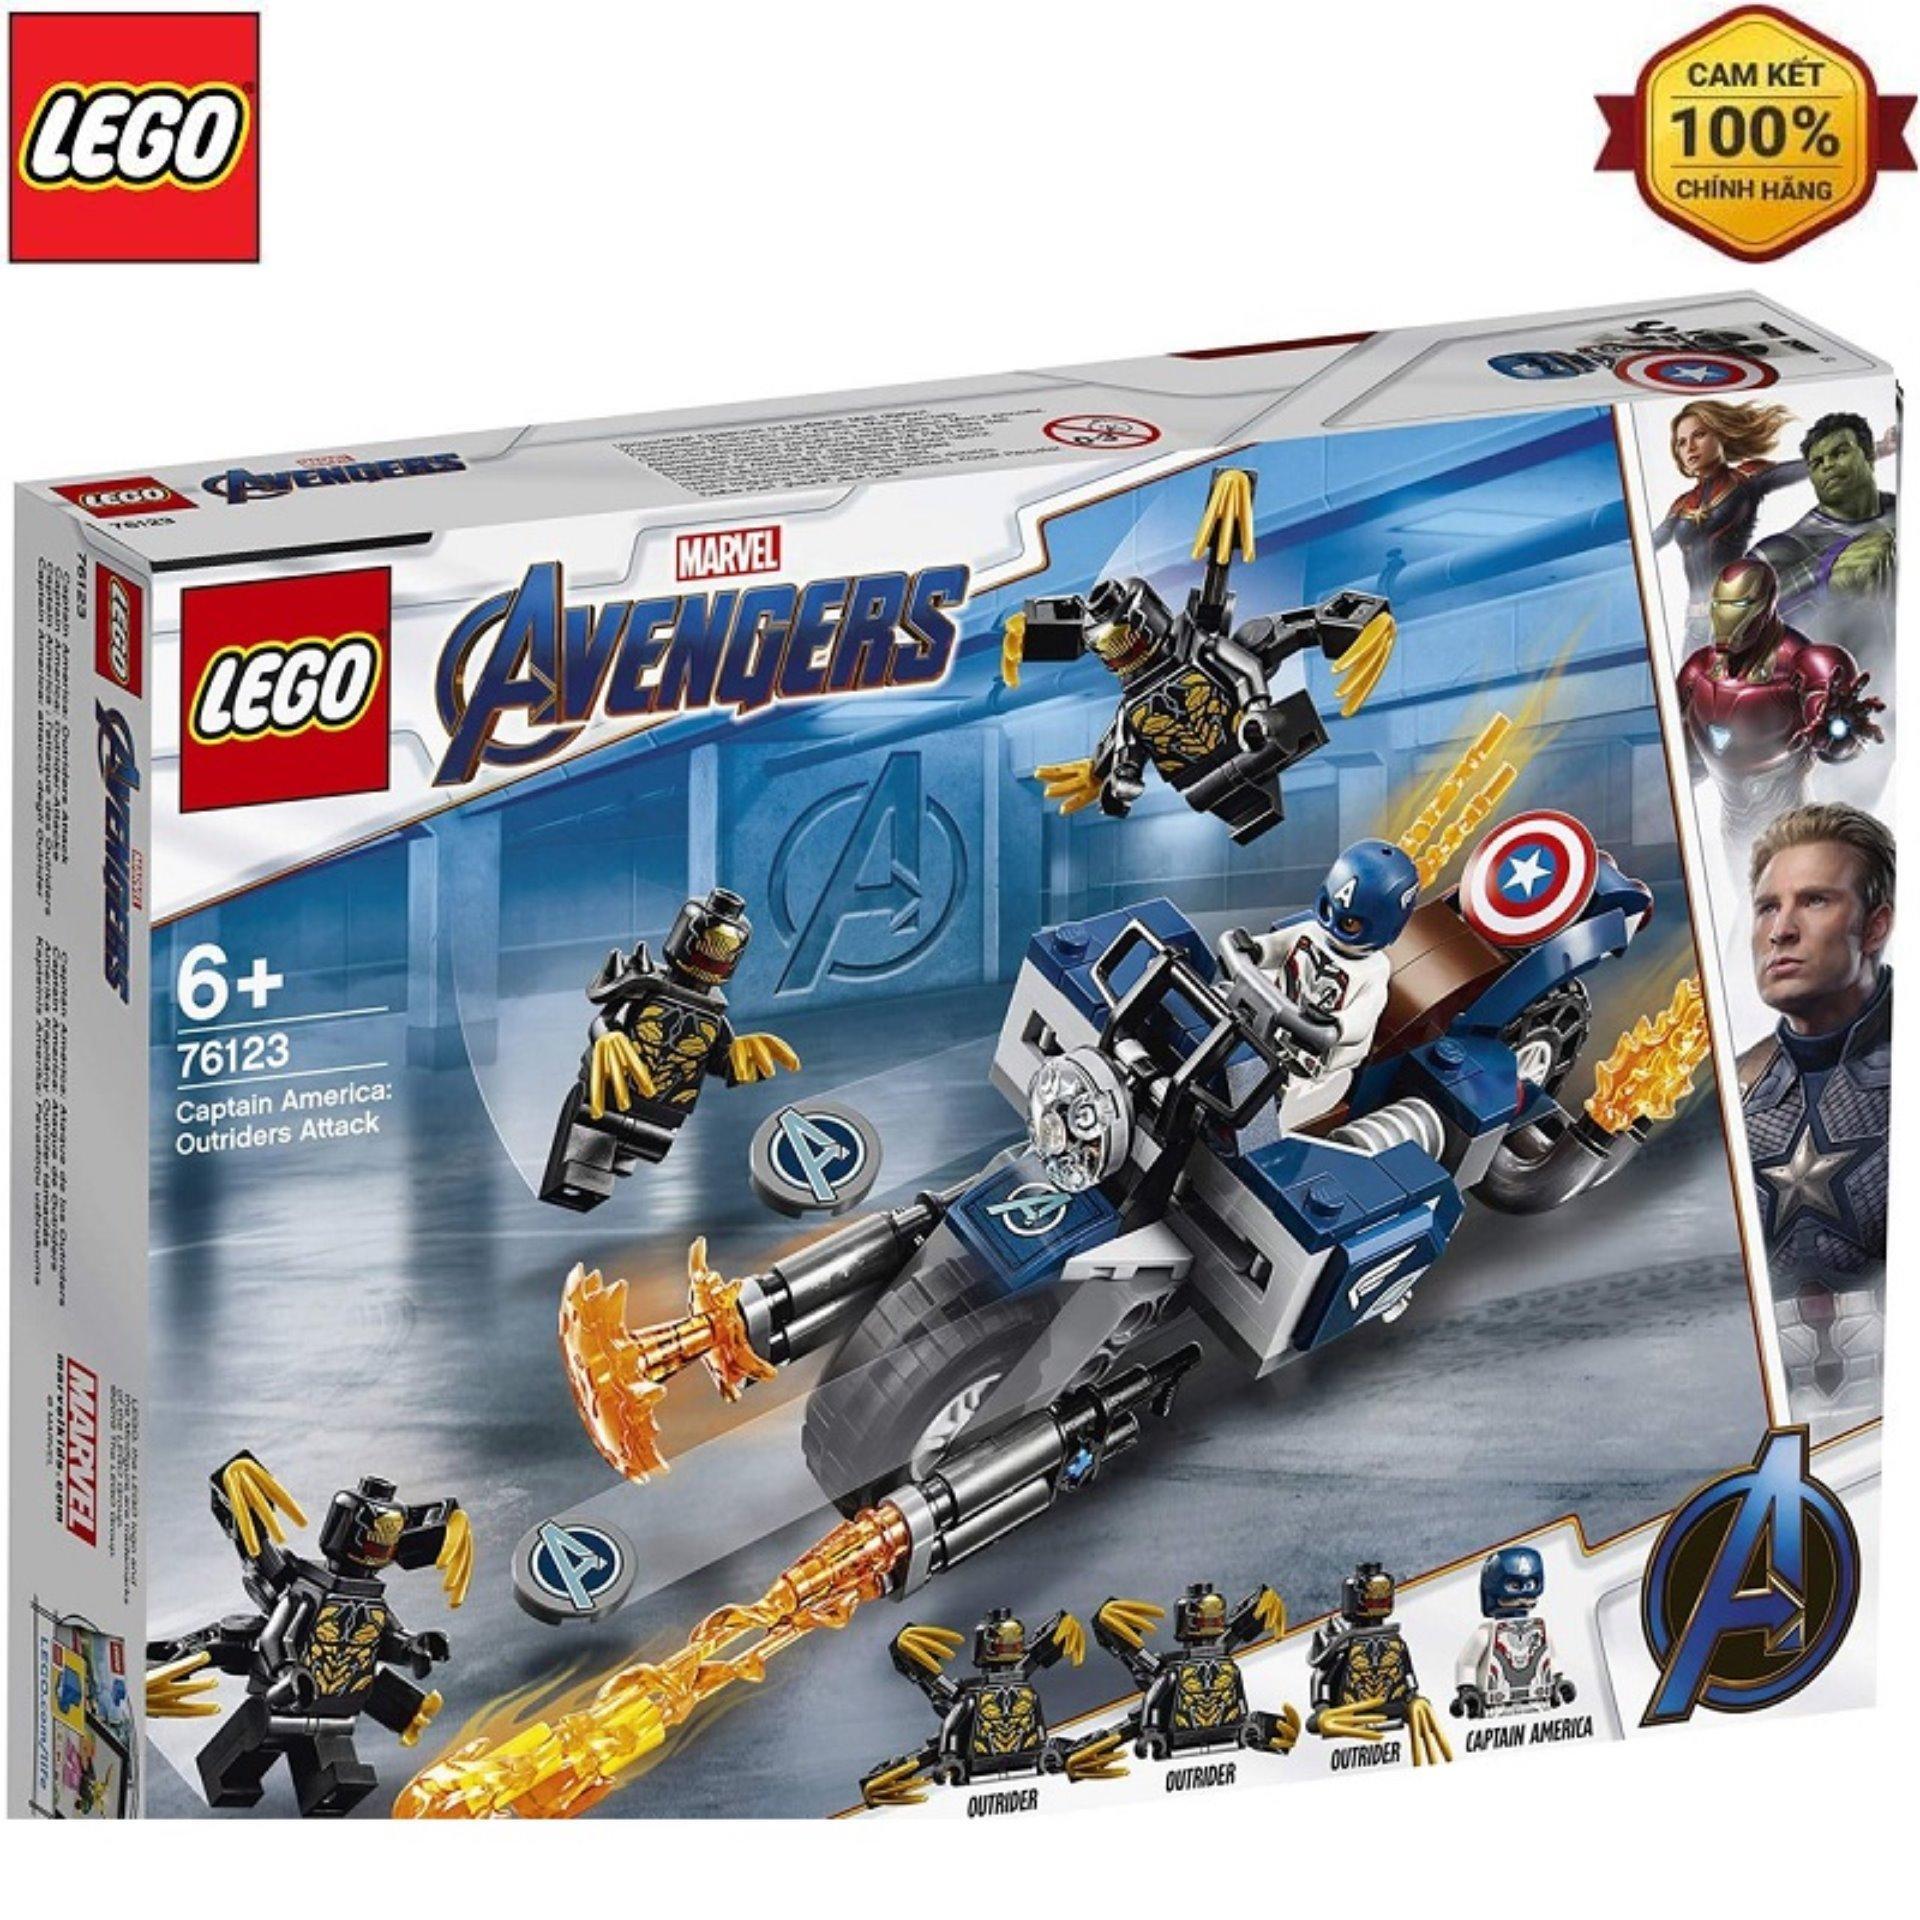 Mô Hình Lắp Ráp LEGO Captain America Đối Đầu Quái Vật Outriders 76123 Siêu Khuyến Mãi